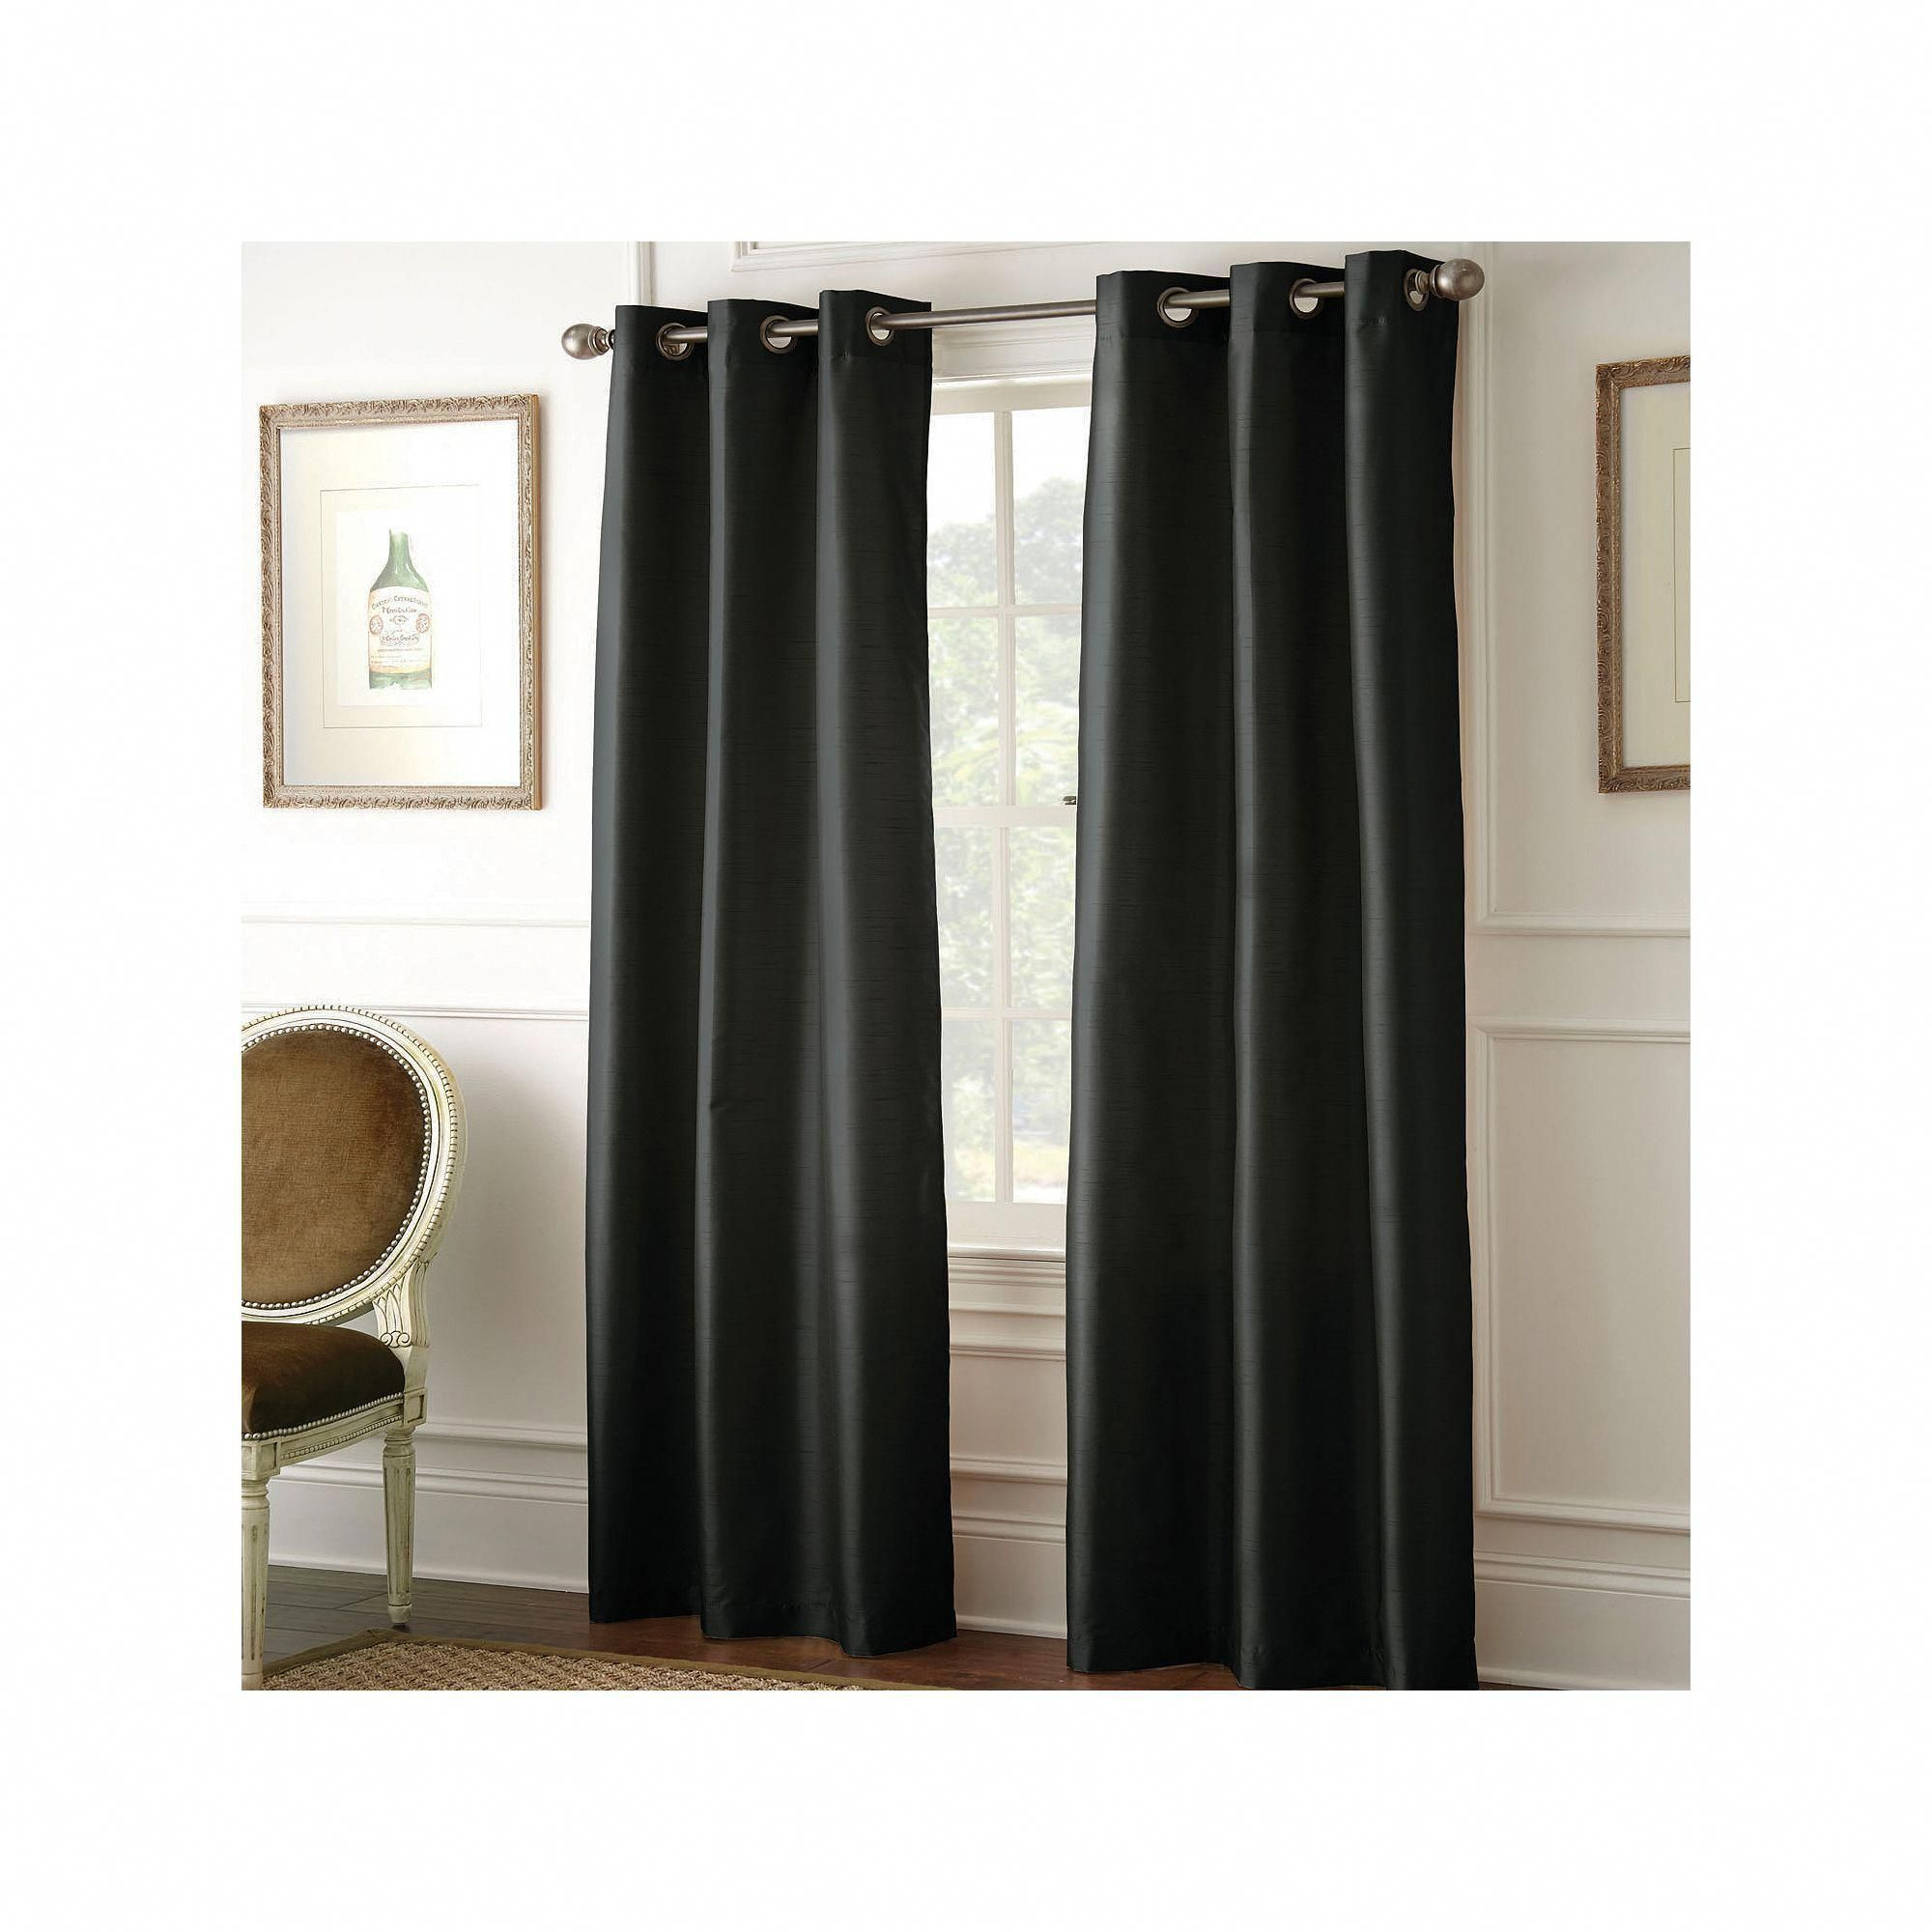 More Blackout Curtains Reviews Curtains Blackout Curtains Diy